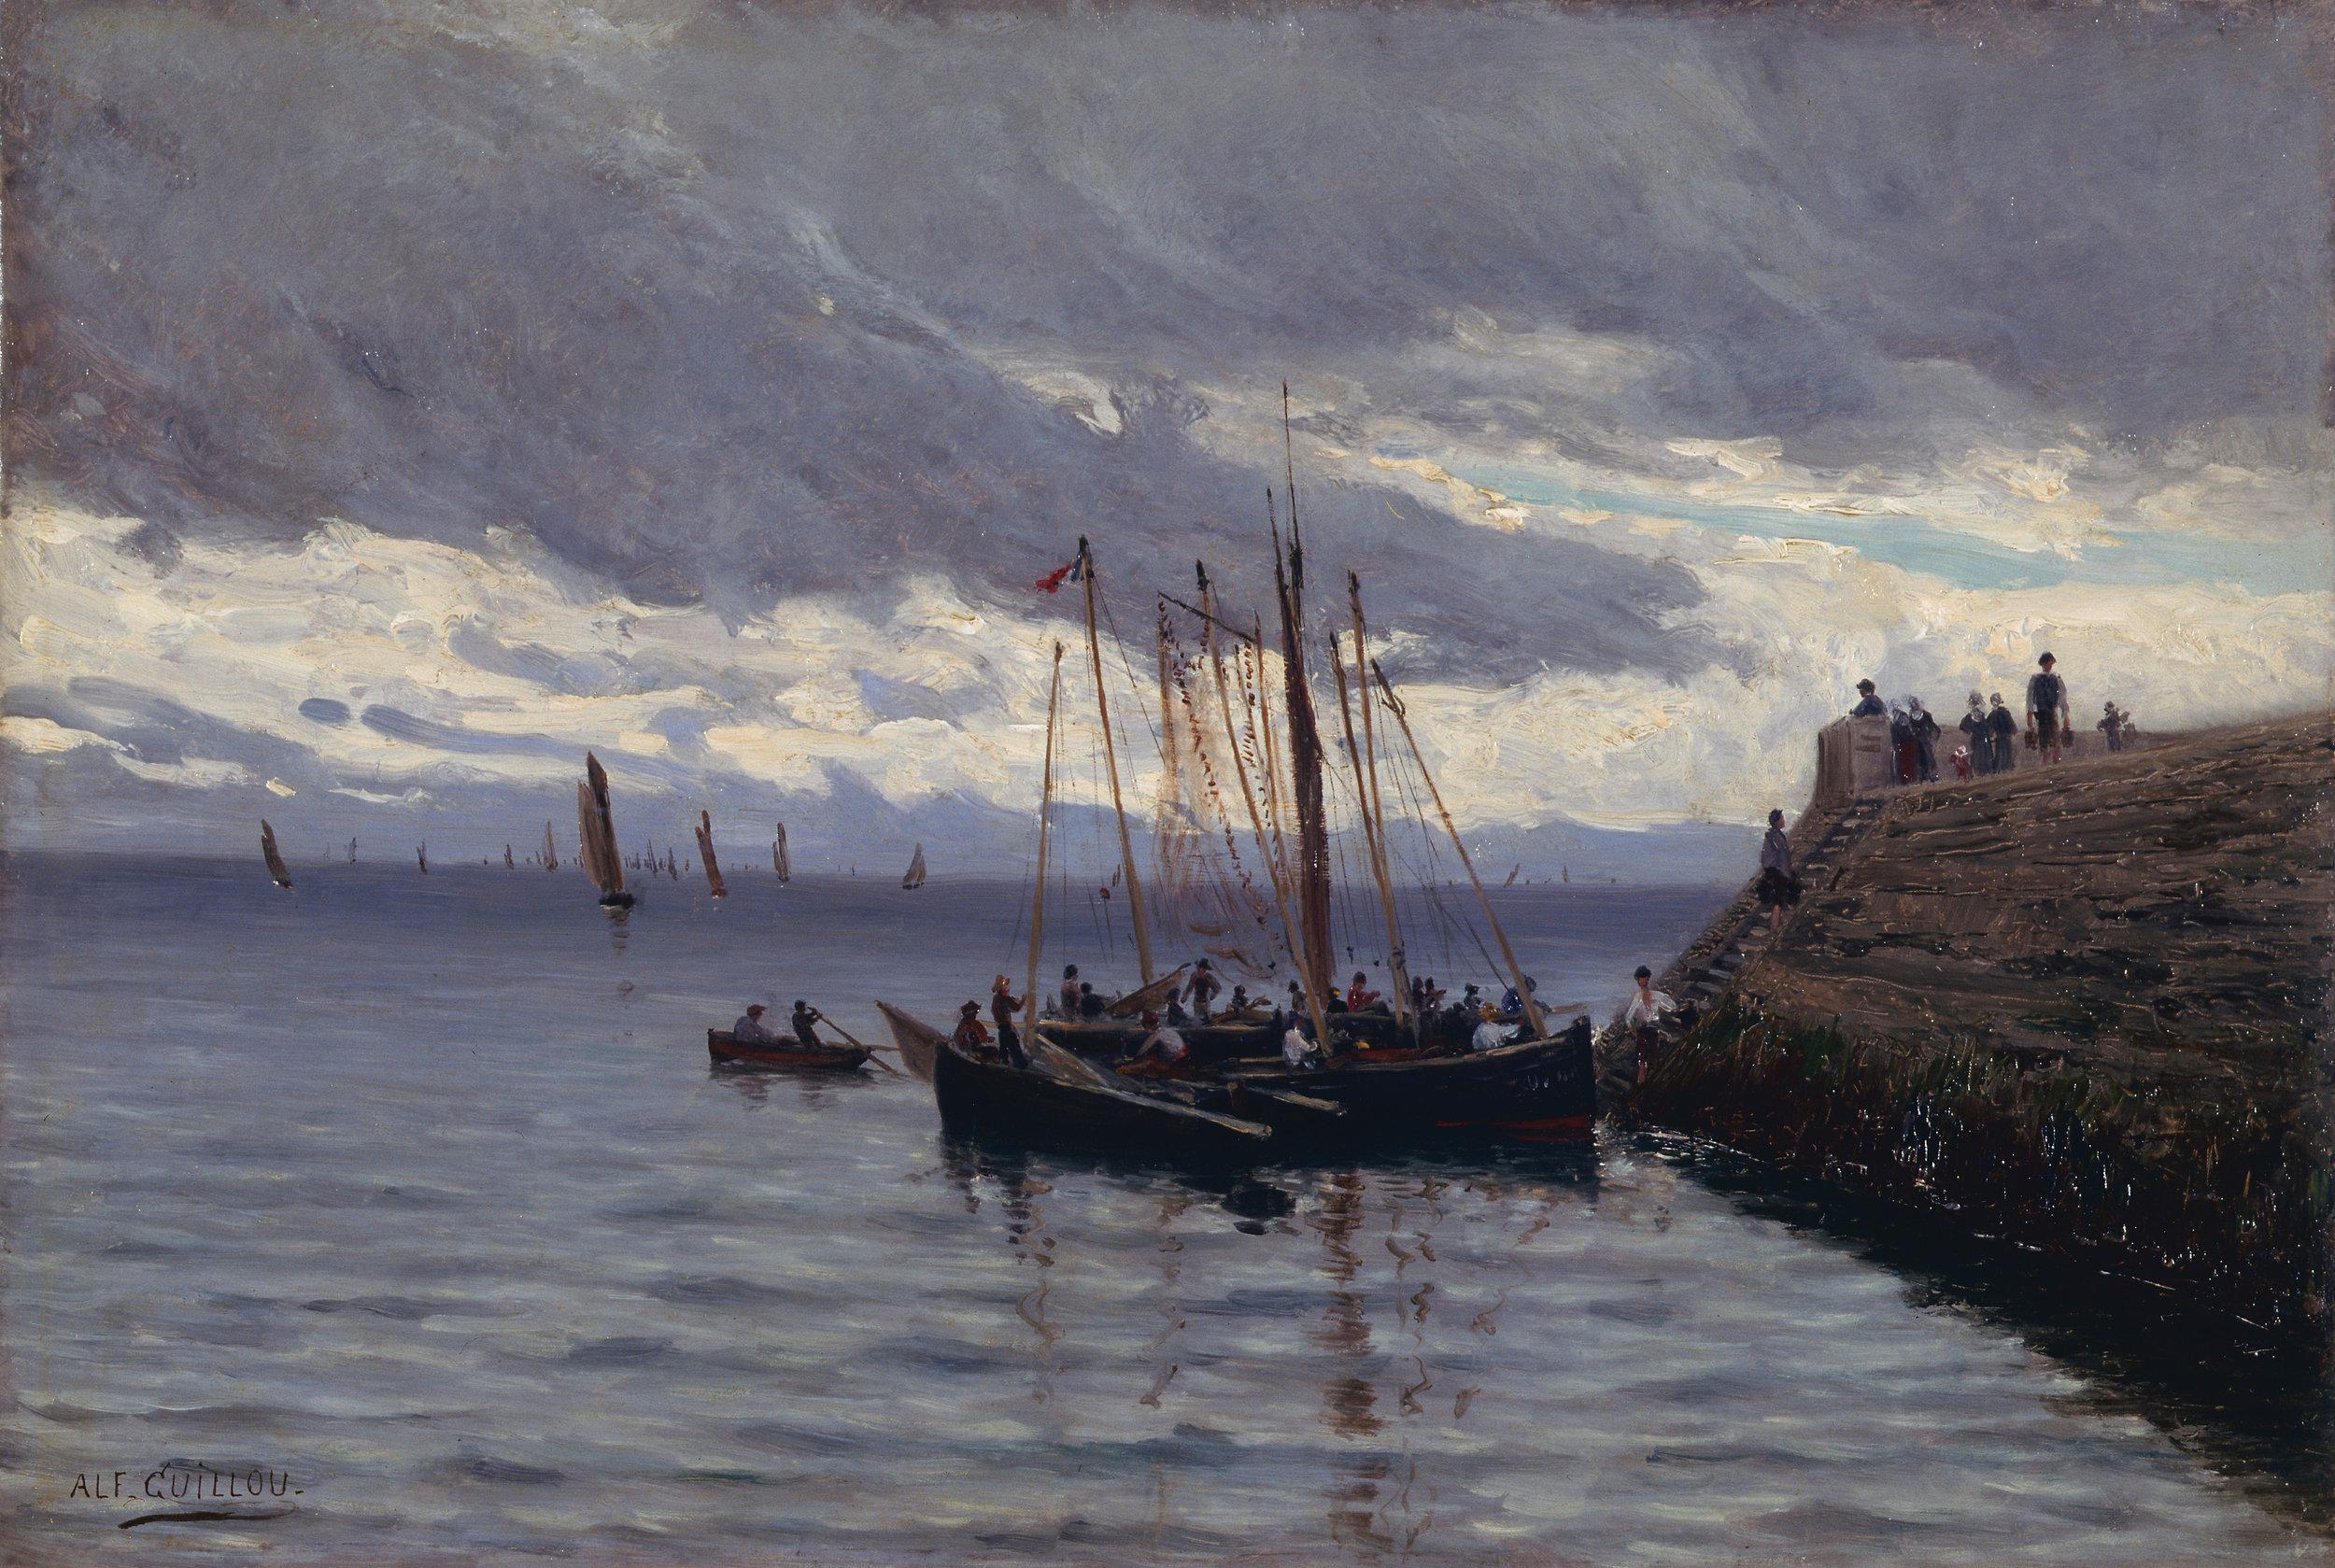 Arrive�e des pêcheurs de sardines - Alfred_Guillou_-_muse�e_d'art_et_d'histoire_de_Saint-Brieuc